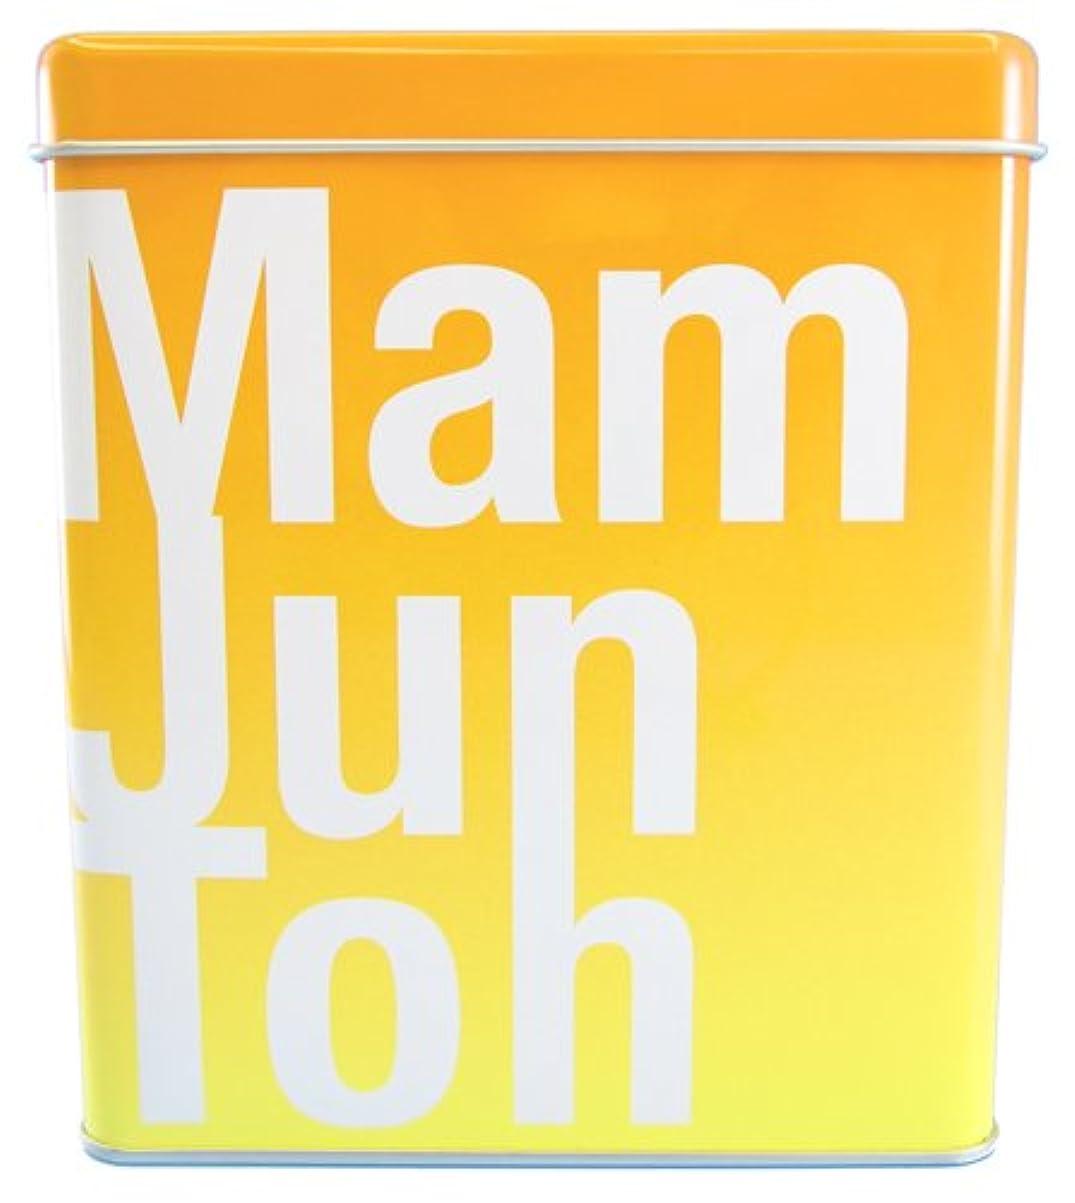 落ち込んでいるマウントラグ蔓潤湯 椿 パラダイス山元責任監修 薬用入浴剤 天然ビターオレンジの香り 750g